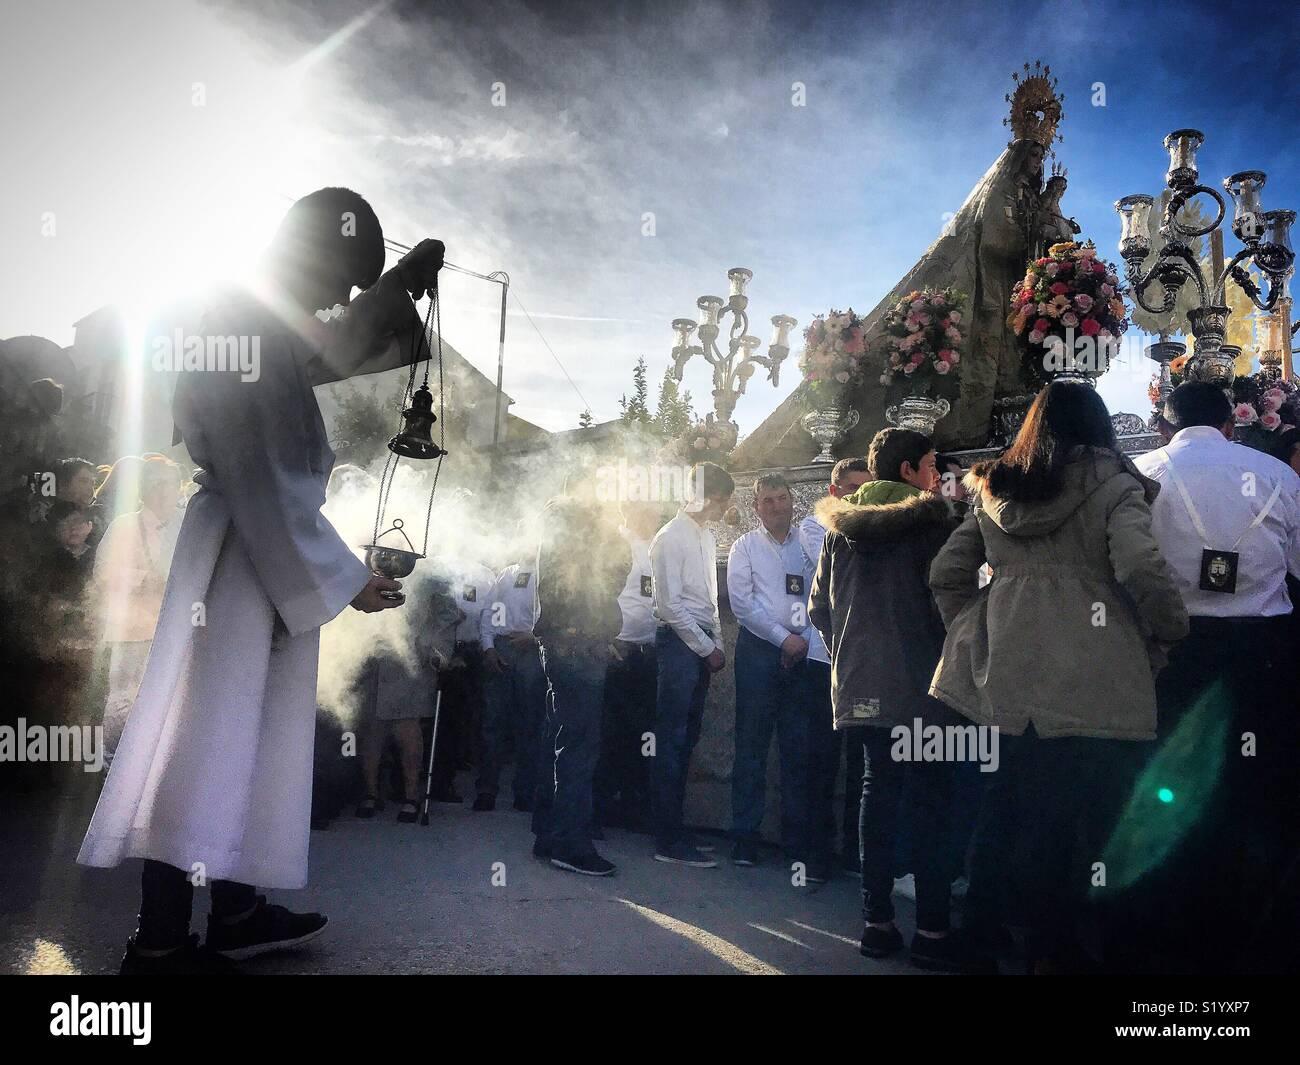 Un chierichetto si sparge incenso durante una processione della Madonna del Carmelo in Prado del Rey, Sierra de Cadice, Andalusia, Spagna Immagini Stock